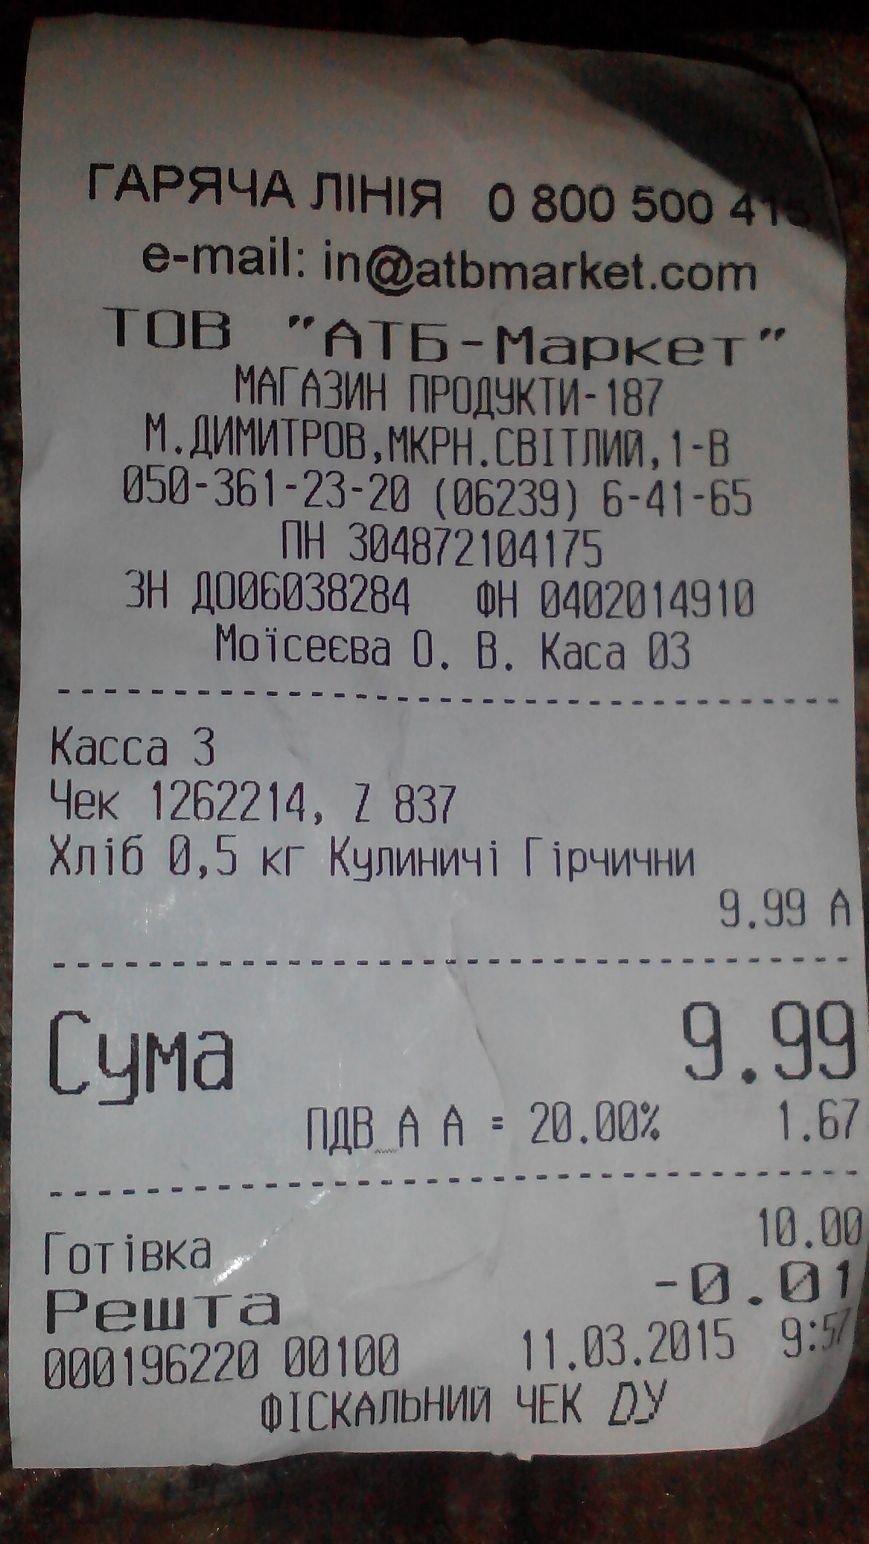 Вчера в Димитрове и Красноармейске цена на хлеб подскочила на 54% (ФОТОФАКТ), фото-1